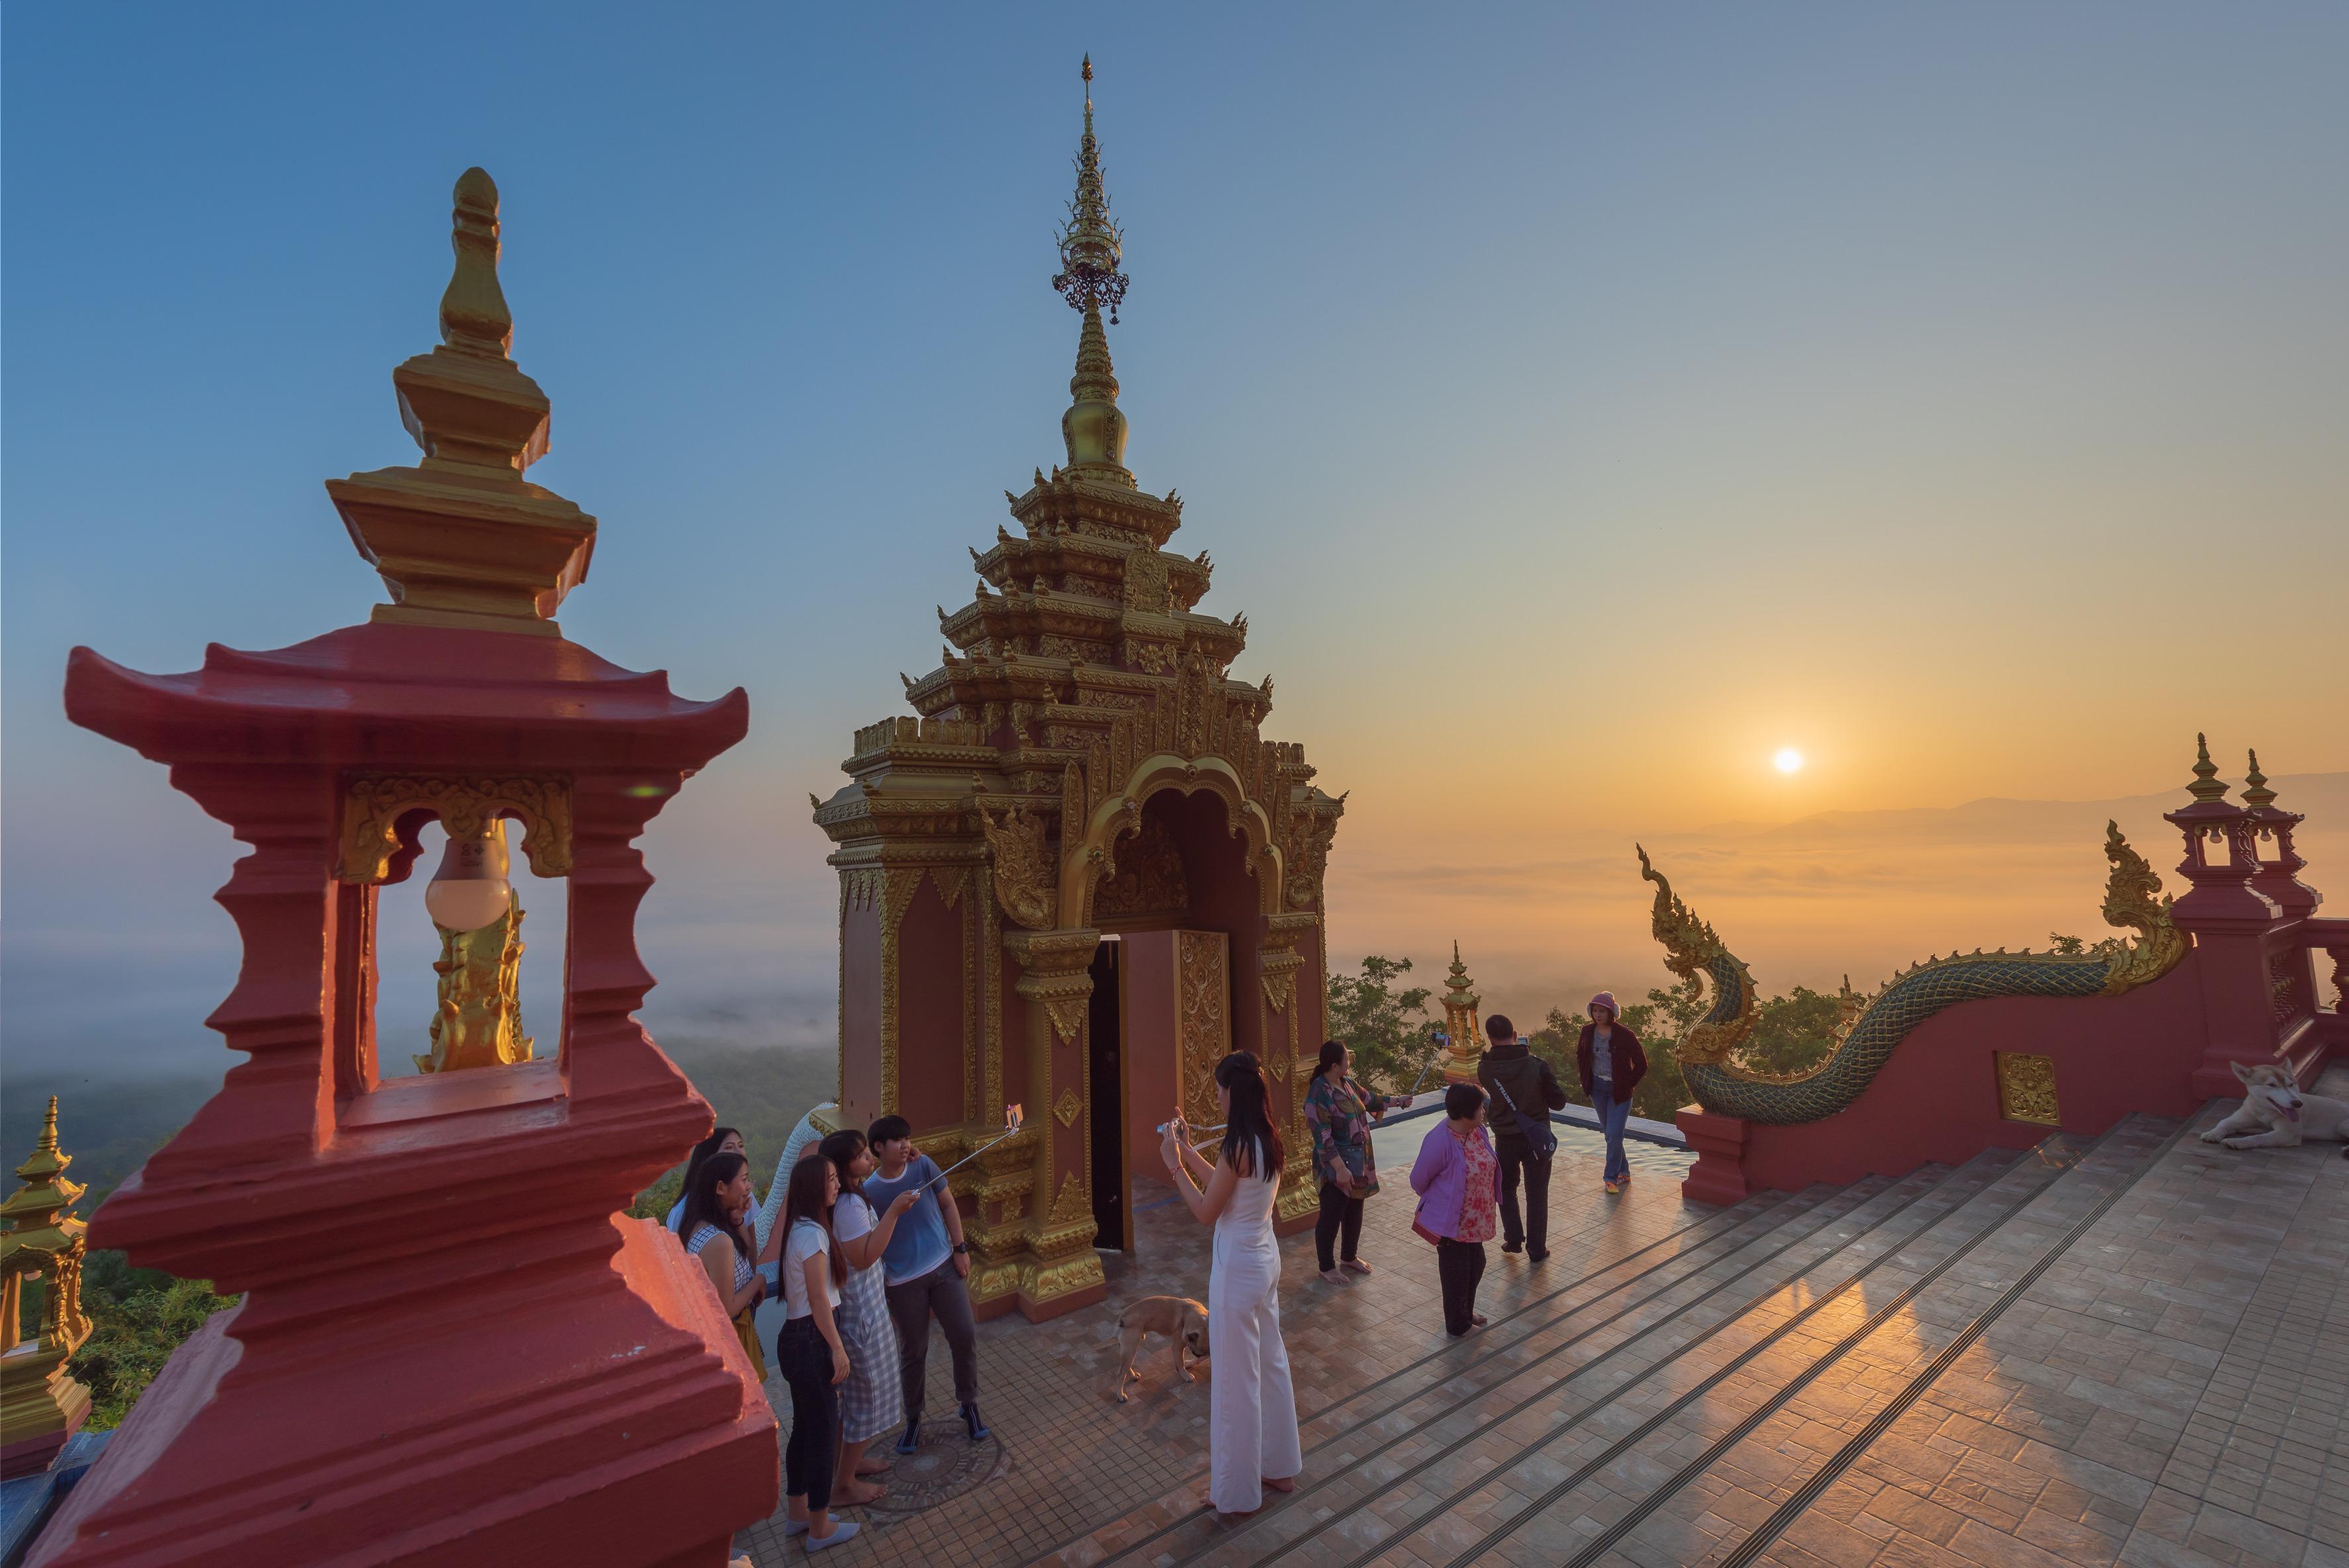 en ligne datant de Chiang Mai Thaïlande